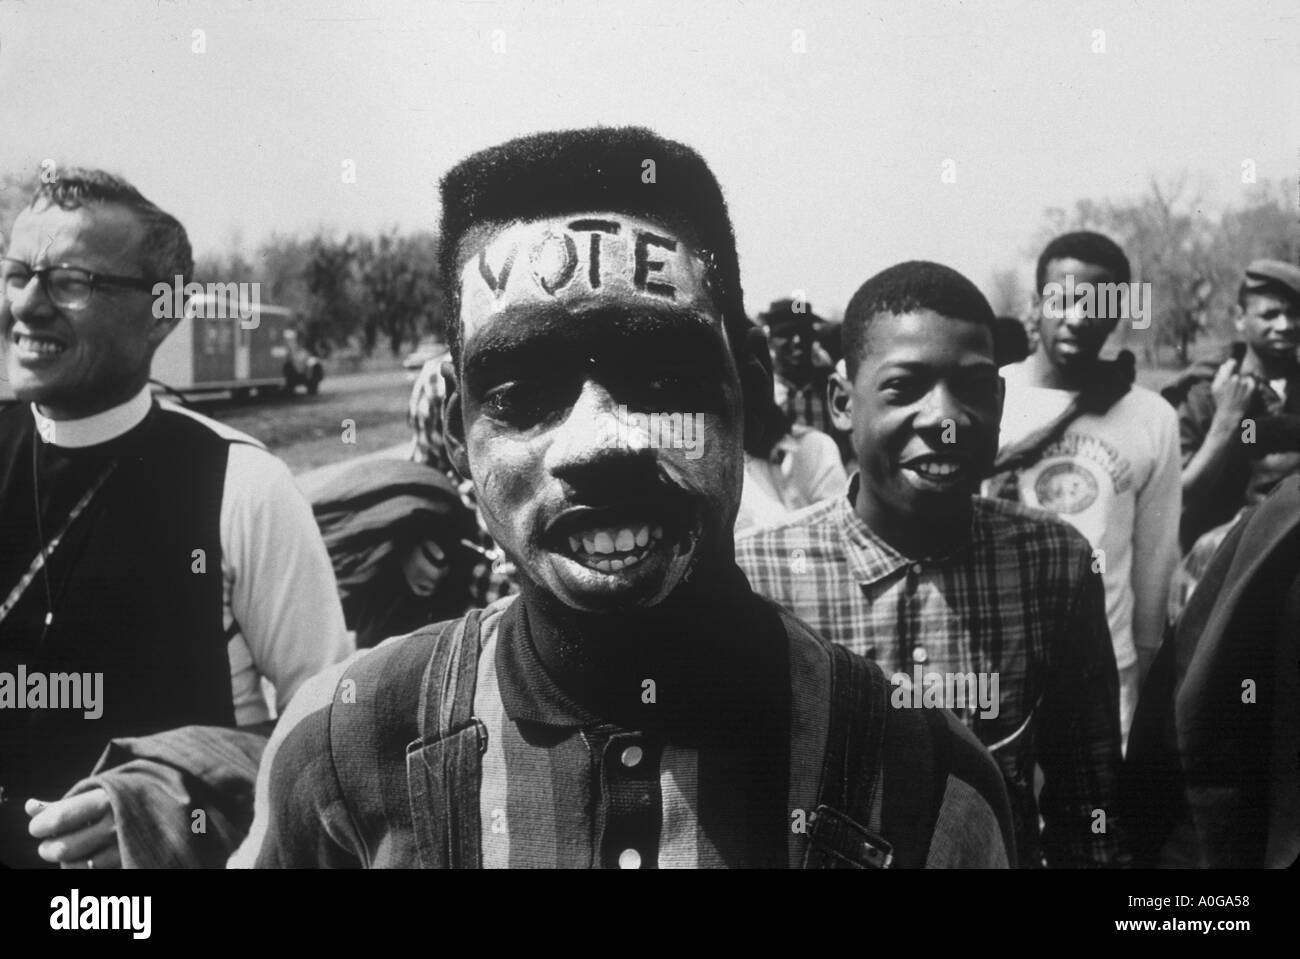 Selma Alabama 1965 i Selma marzo voto scritto attraverso la fronte di un giovane uomo in marcia per il nero di diritti di voto Immagini Stock